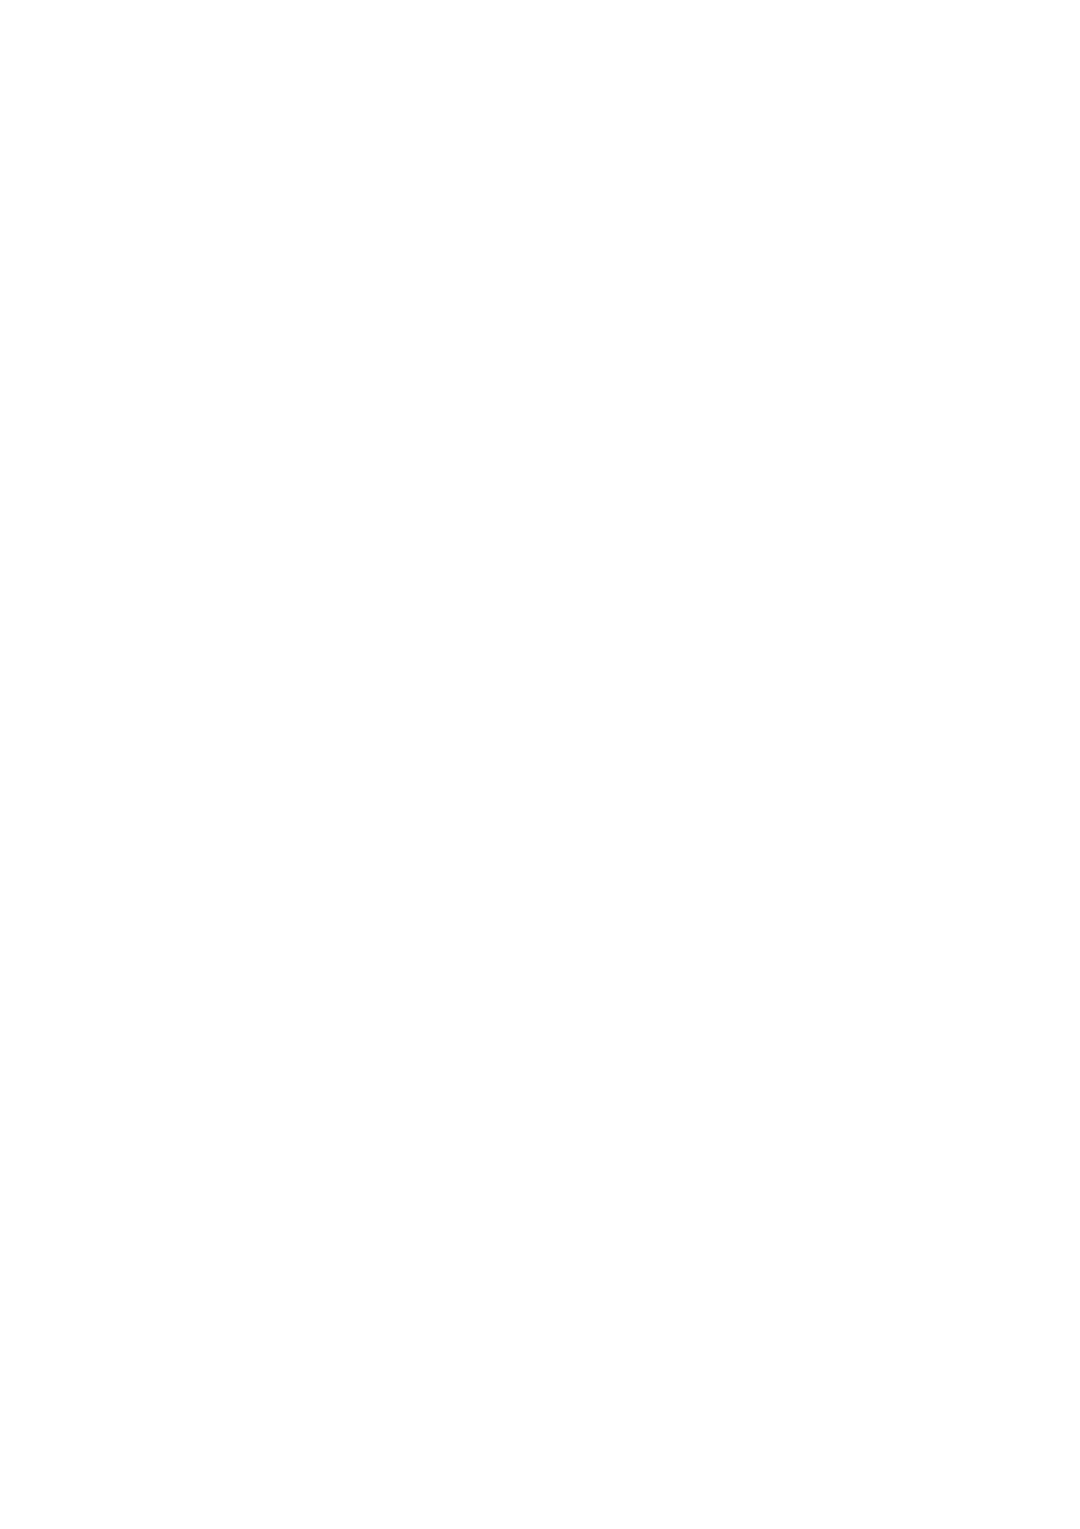 [Rurukichi] Tenbatsu Chara-o ~Onna o Kuimono ni Shita Tsumi de Kurogal Bitch-ka~ 2 [Chinese] [幻天领域] [Digital] 2